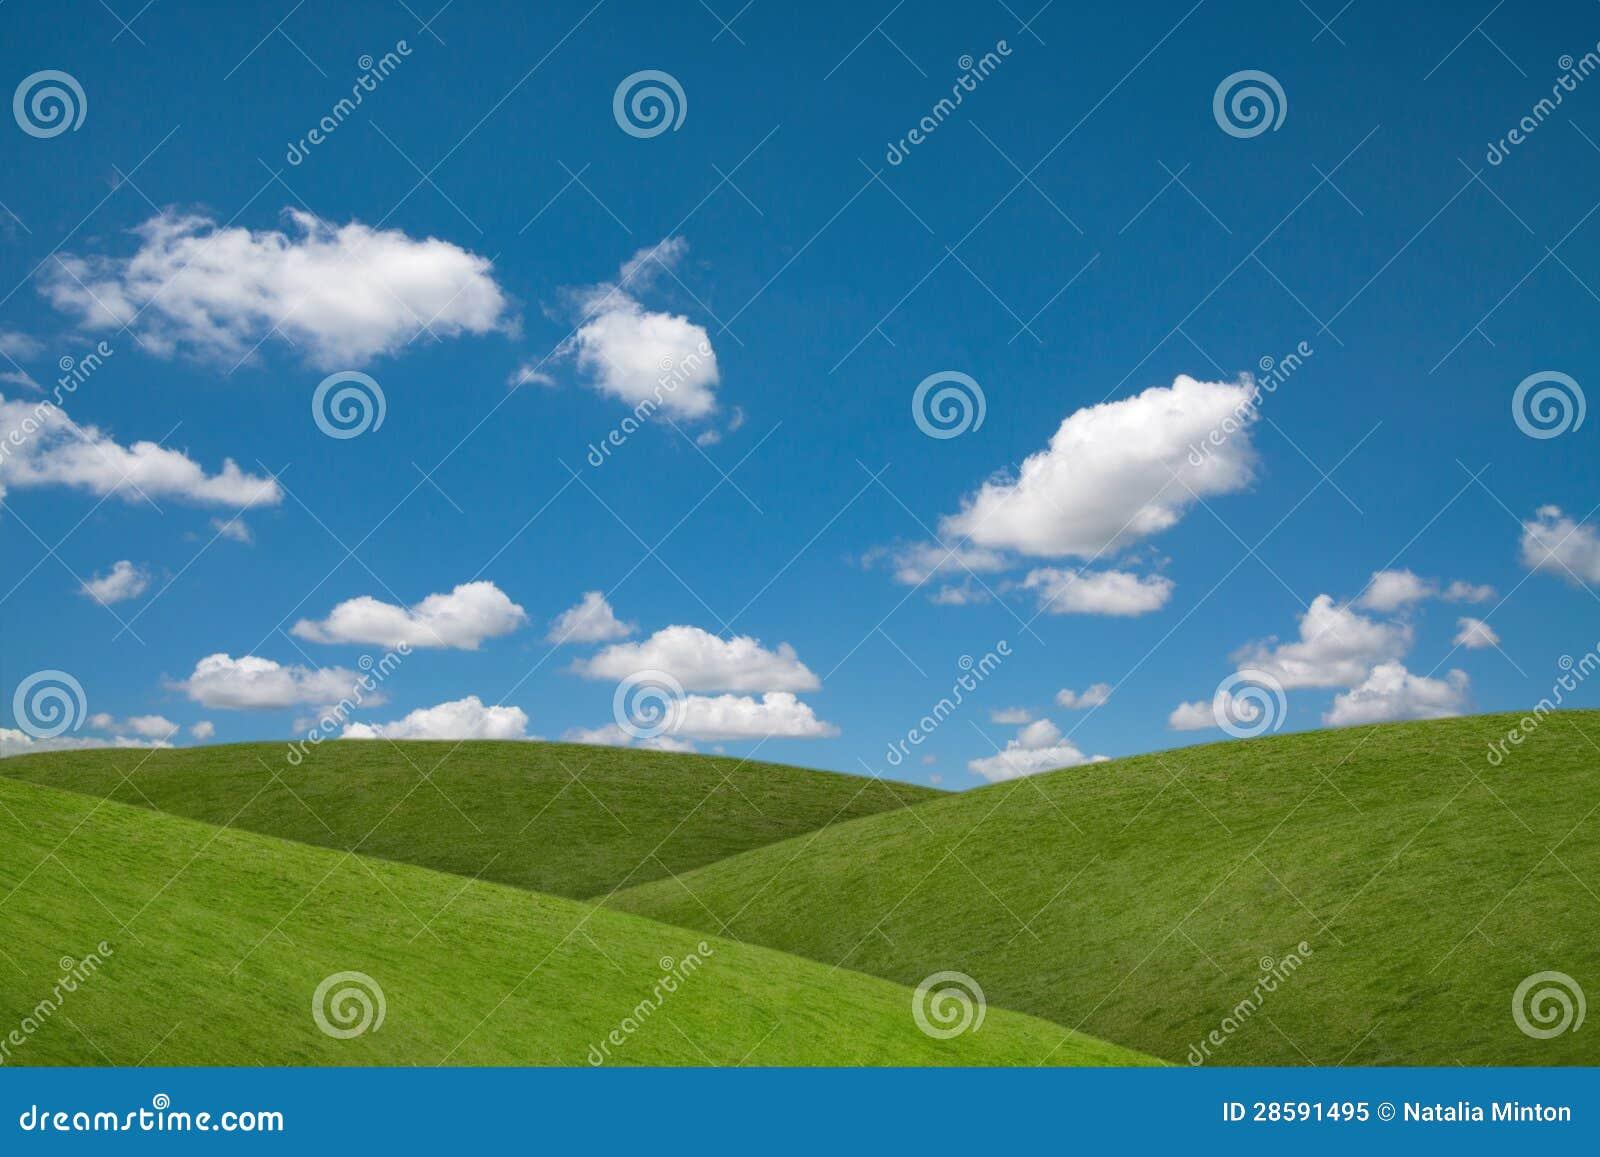 Campos do verde do céu azul